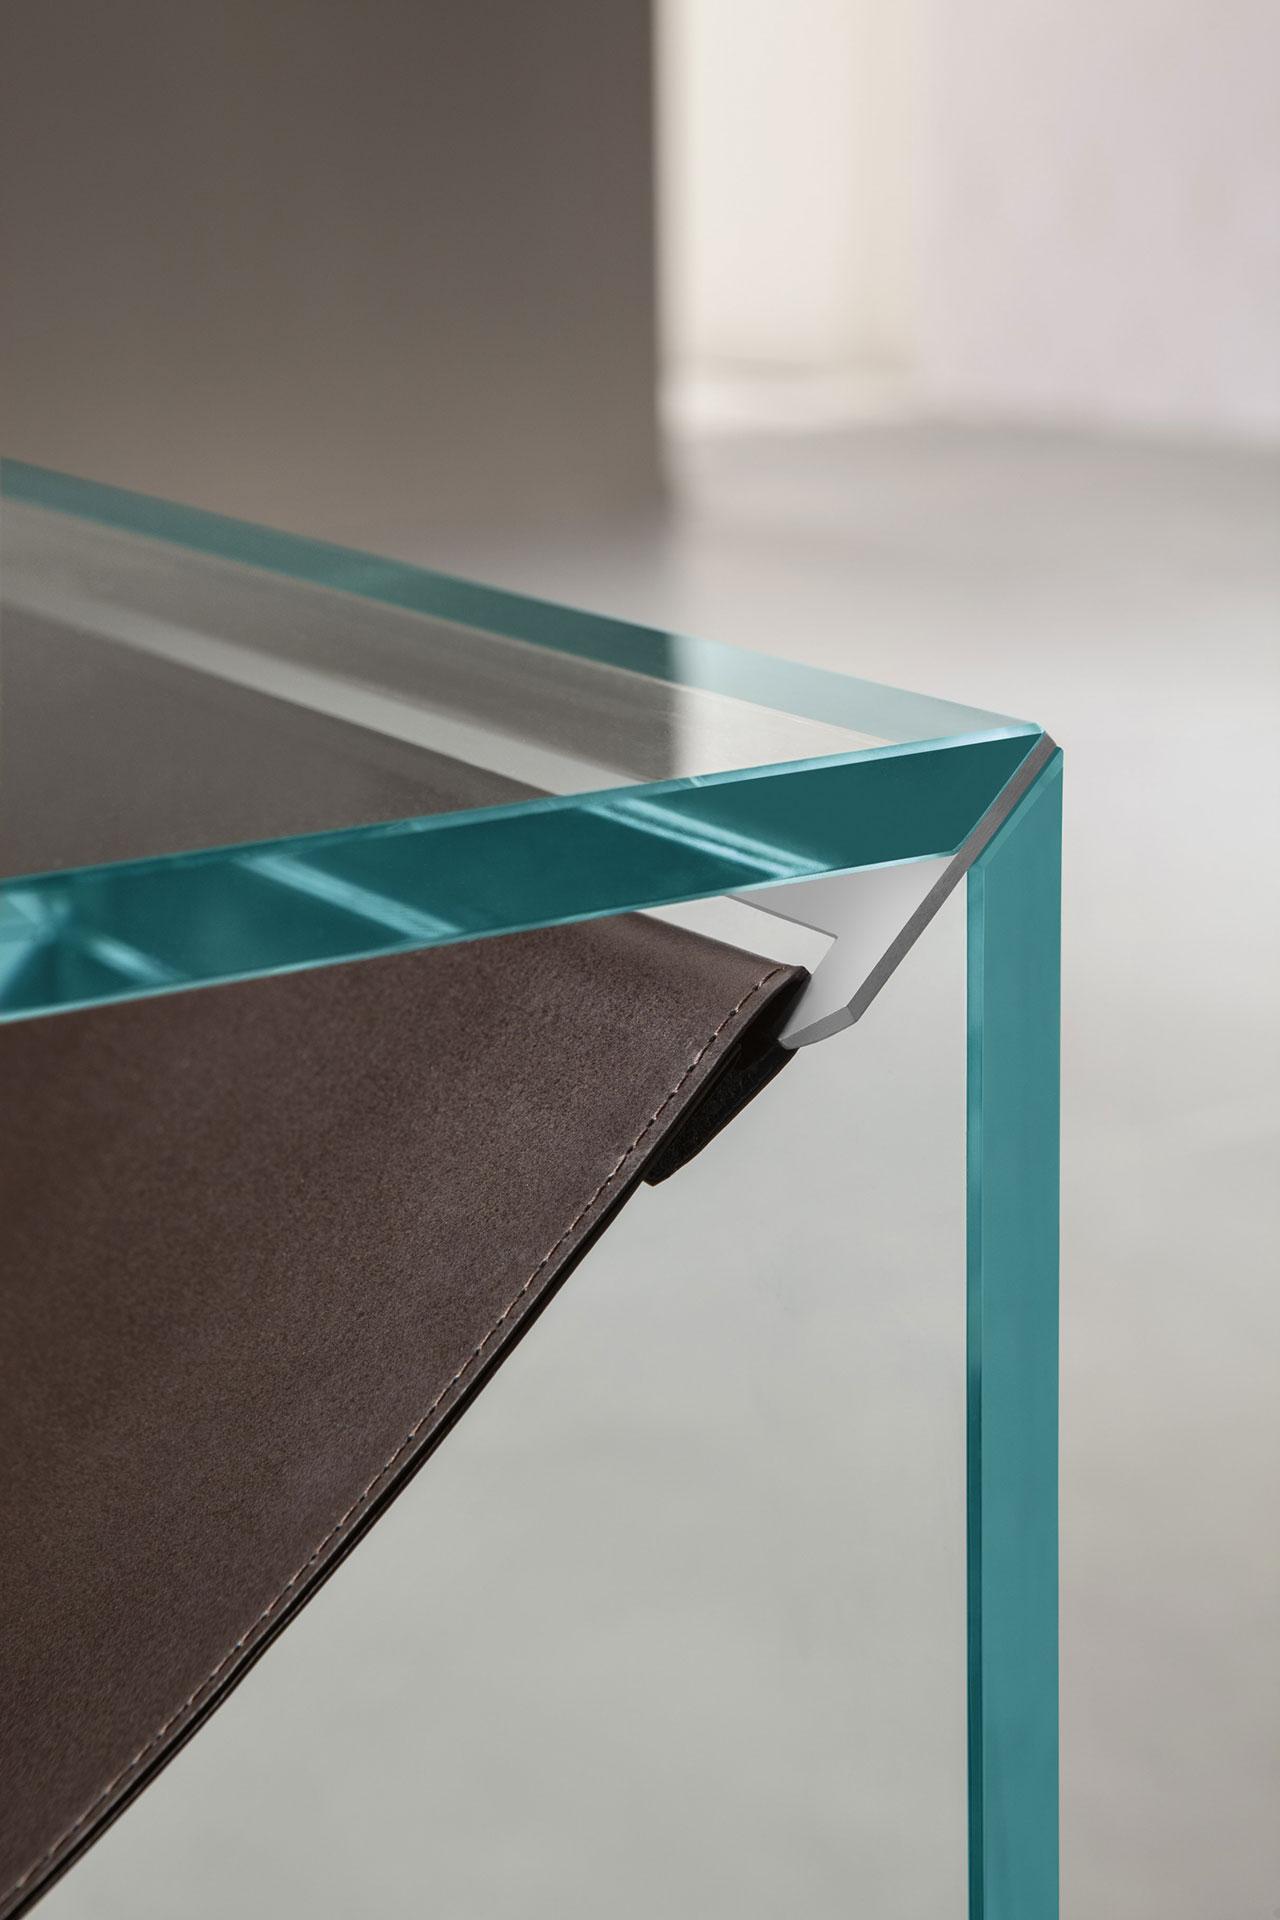 Tonelli,'Amaca'coffe table,2018, designed byCalvi Brambilla. Photo ©Calvi Brambilla.